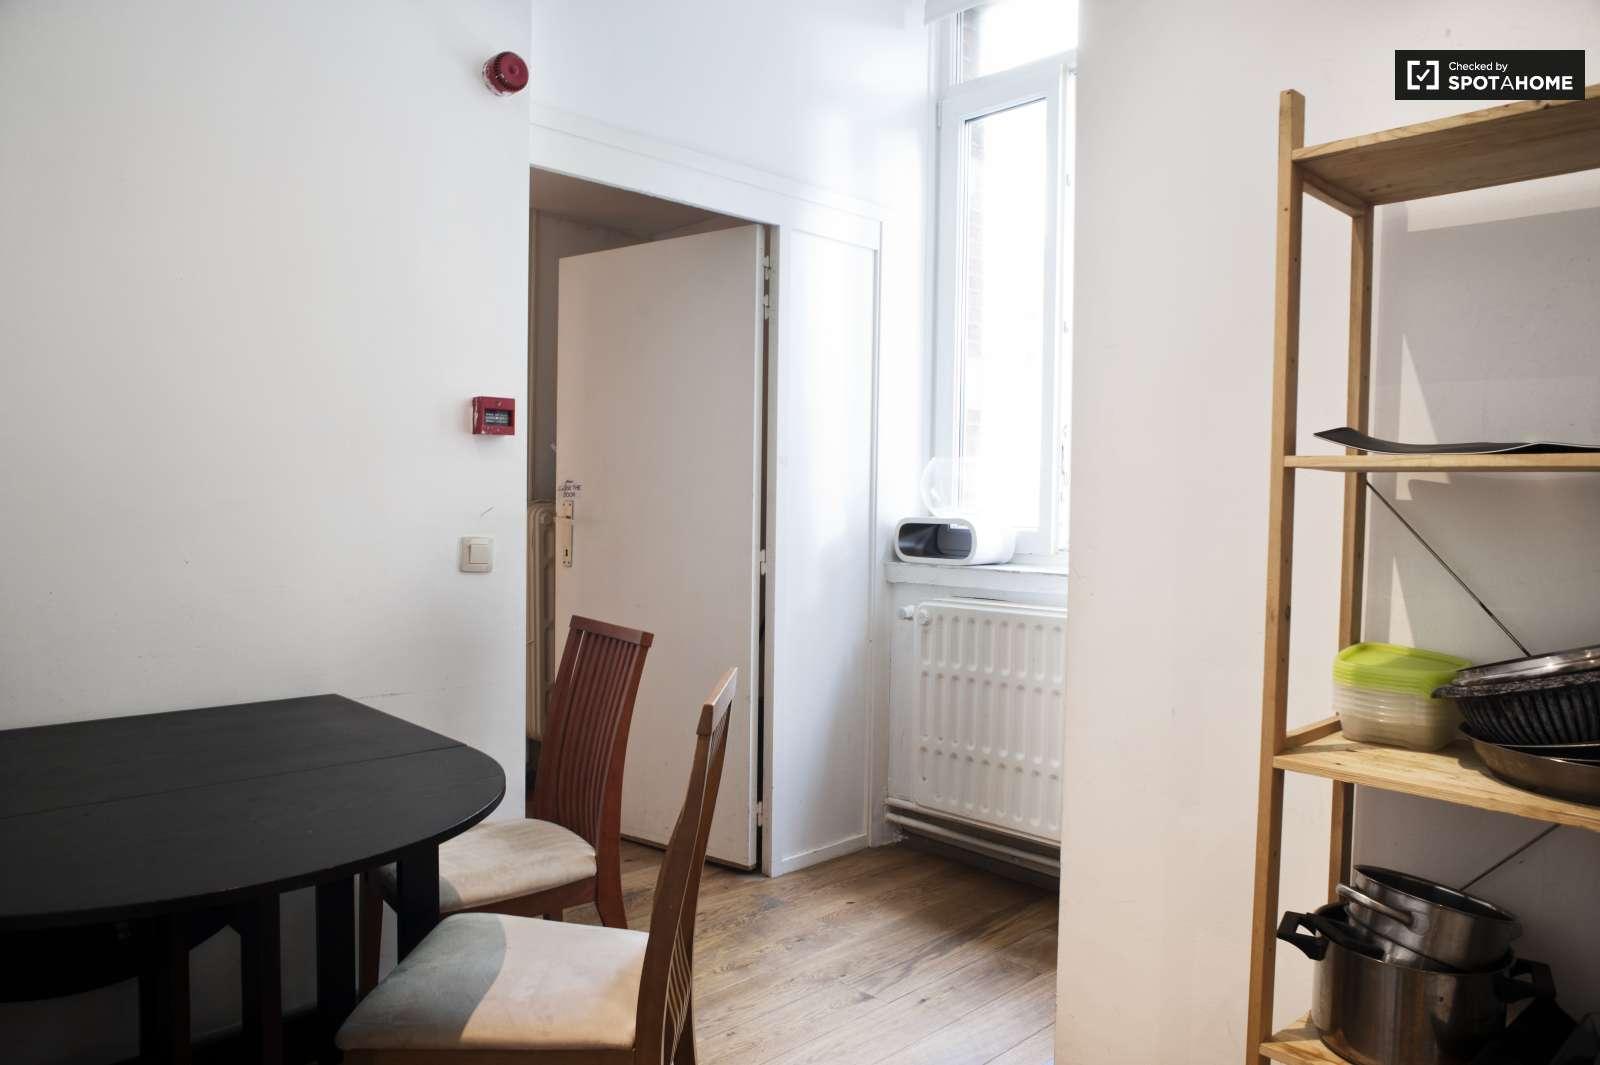 chambre meubl e dans un appartement de 3 chambres ixelles bruxelles ref 95382 spotahome. Black Bedroom Furniture Sets. Home Design Ideas